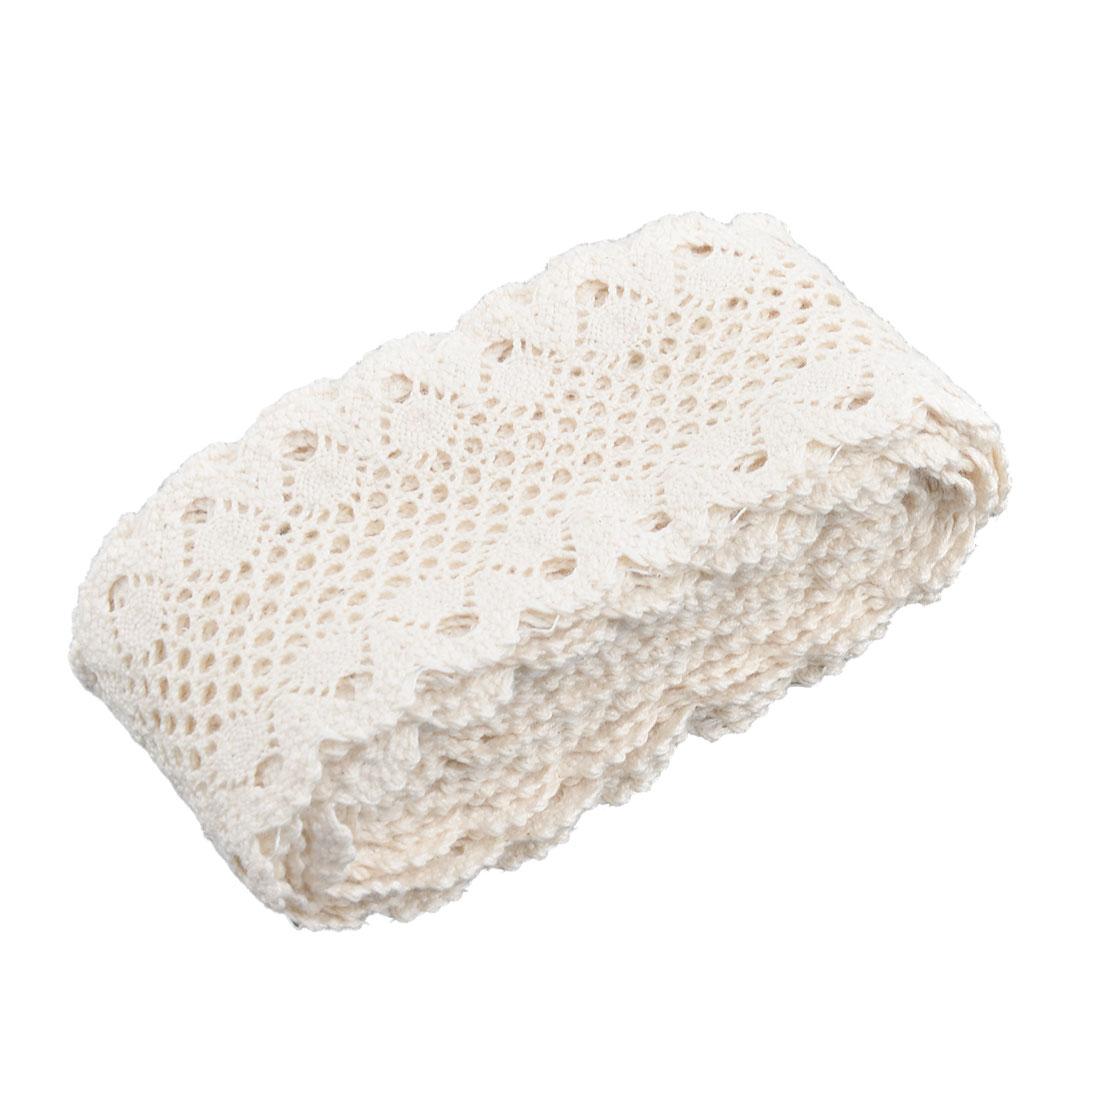 Party Cotton Blends DIY Clothing Pants Dress Lace Trim Applique 2.2 Inches Width